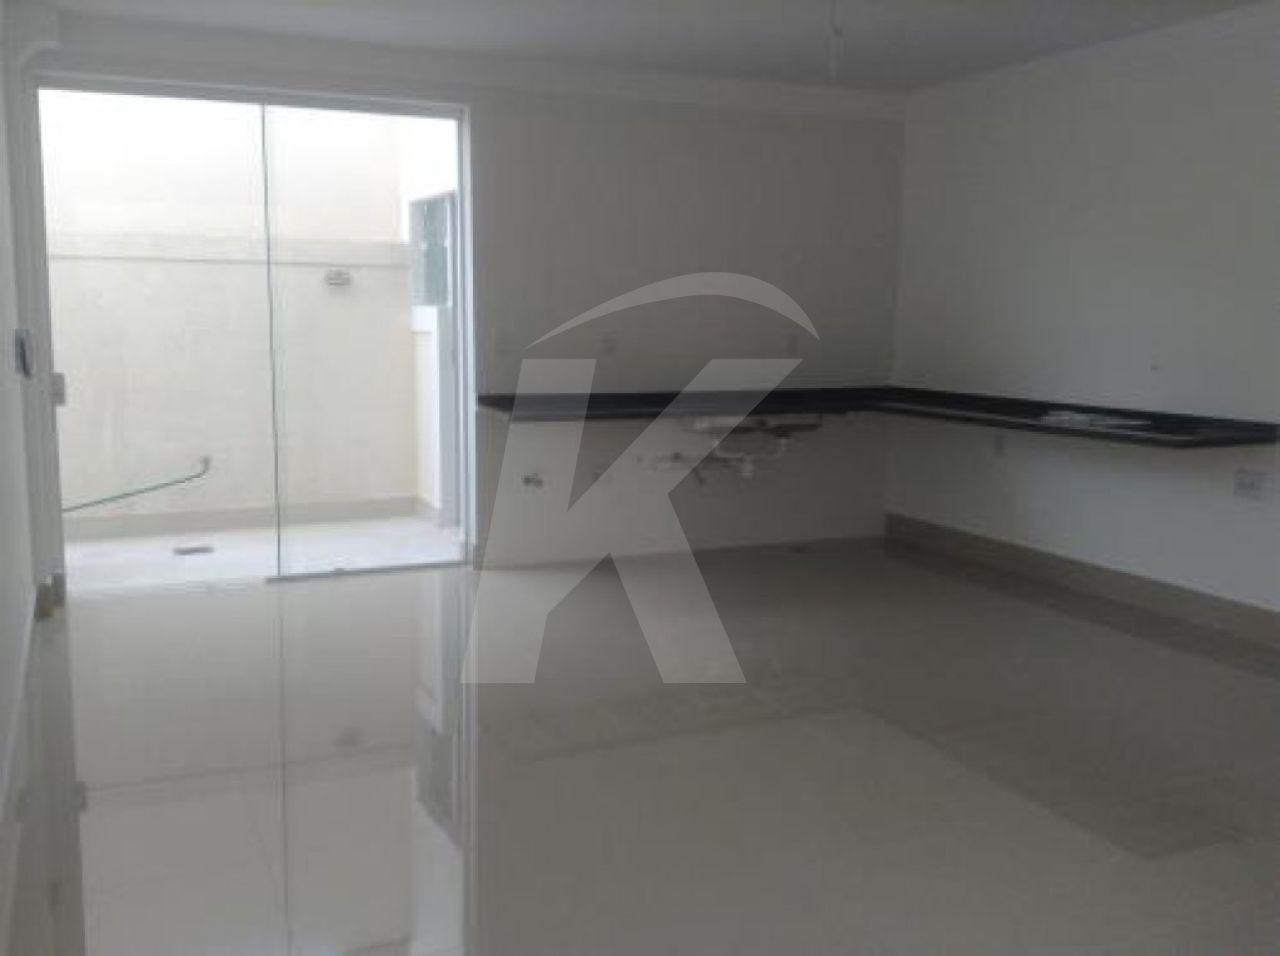 Sobrado Casa Verde - 4 Dormitório(s) - São Paulo - SP - REF. KA1167